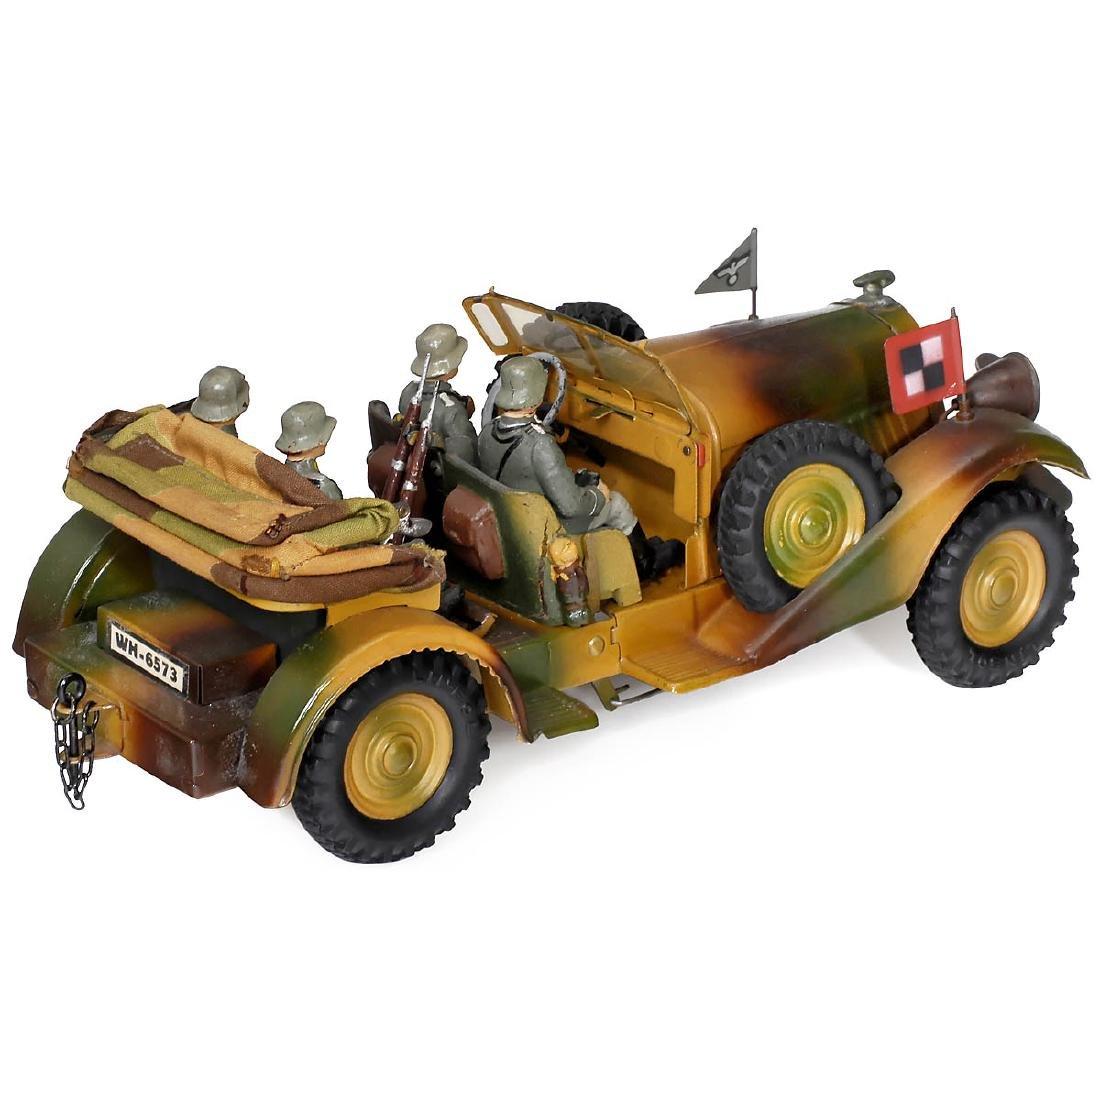 Lineol Kübelwagen (Bucket Car) WH-6573, c. 1935 - 2